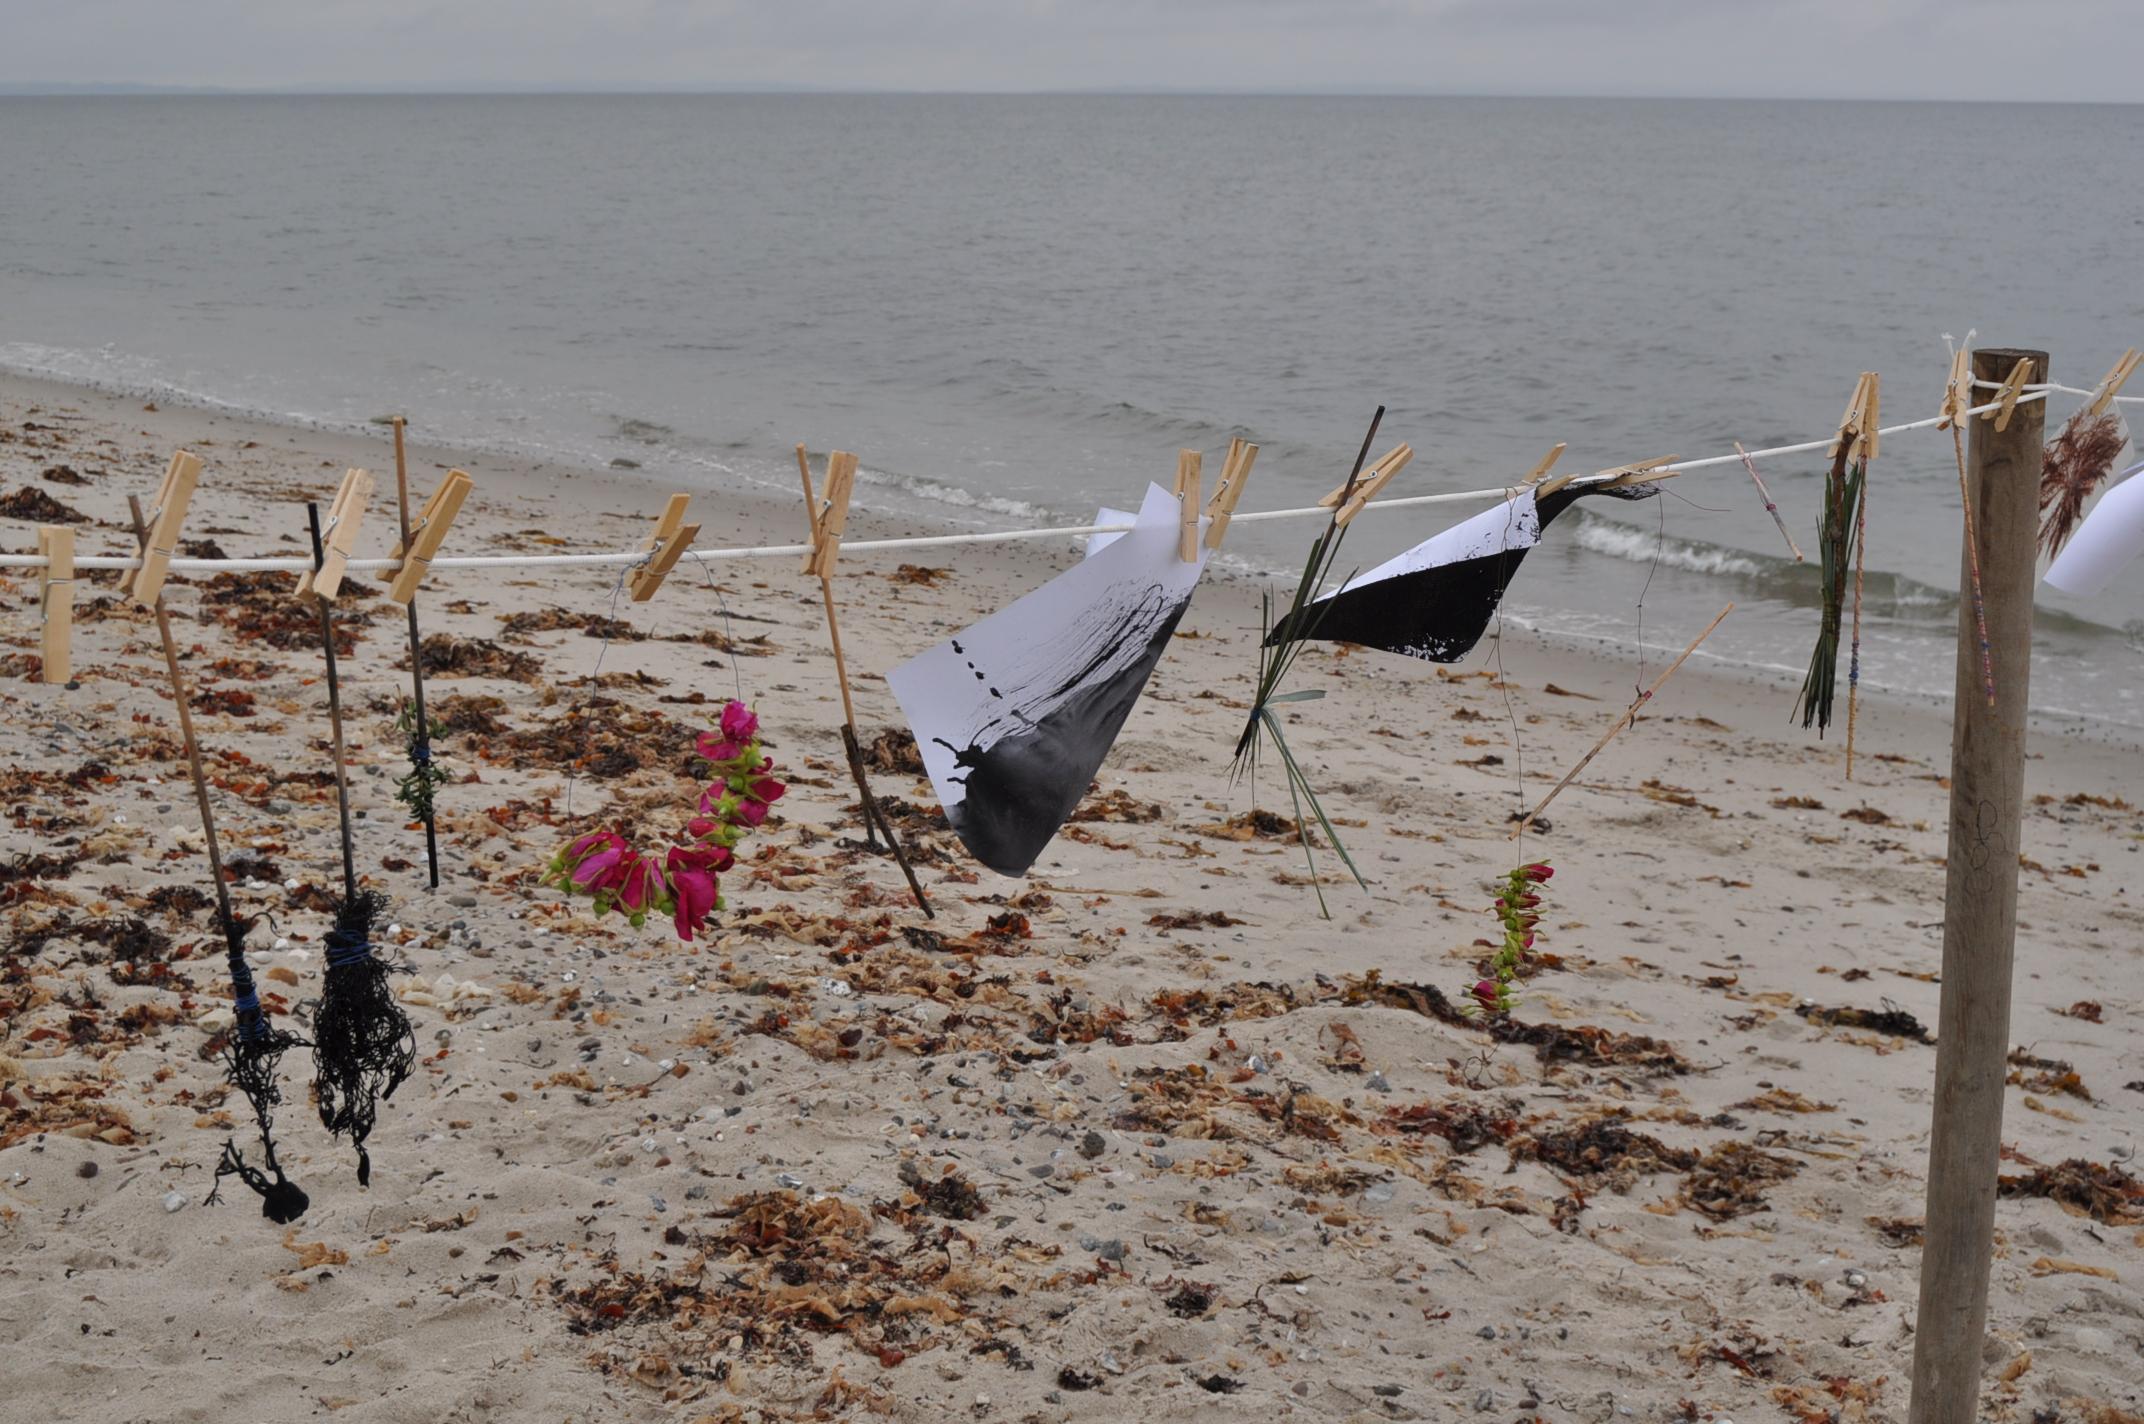 Sculpture by the sea - Børn fra Børnehuset Østerskov, Malling Dagtilbud deltog i arrangement i 2 dg - 2012. Projektet var en del af